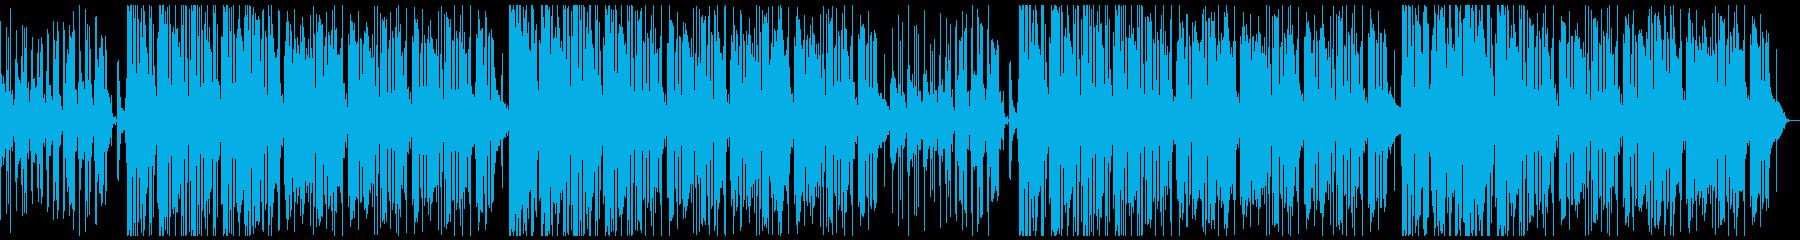 おしゃれjazzチルビートピアノアコギの再生済みの波形